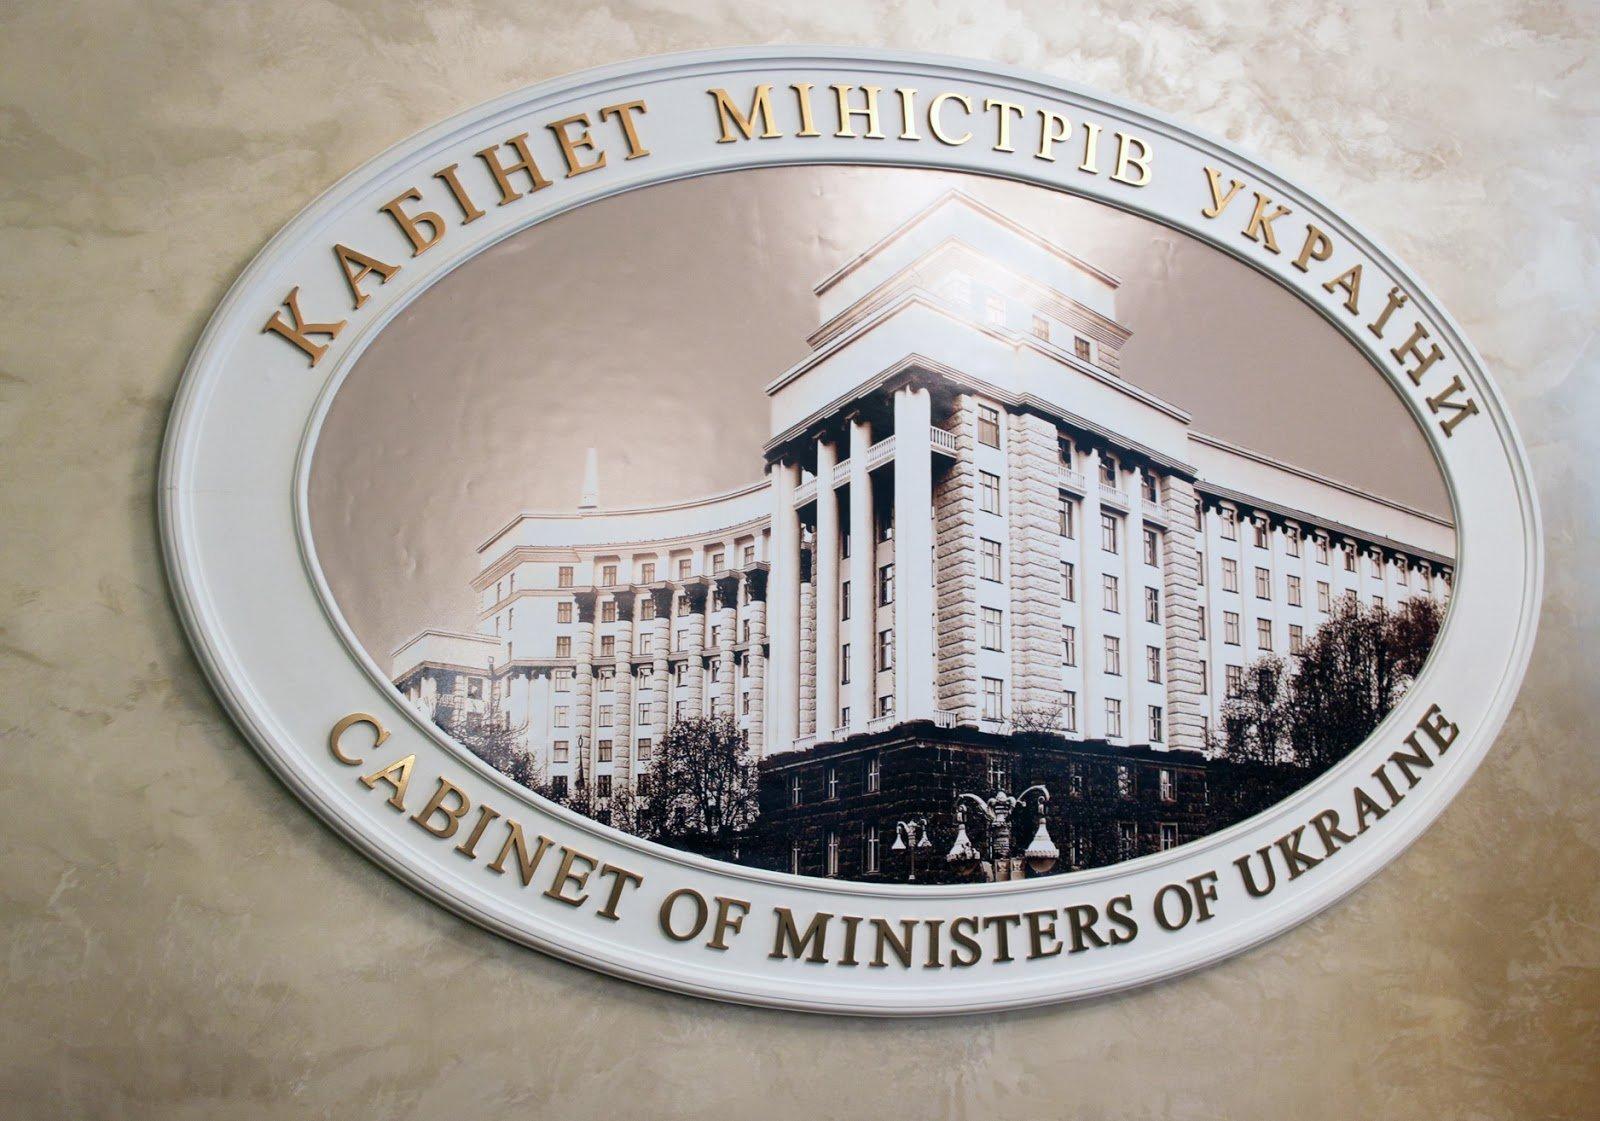 Білоцерківська міська рада просить звільнити Урядового уповноваженого з питань гендерної політики